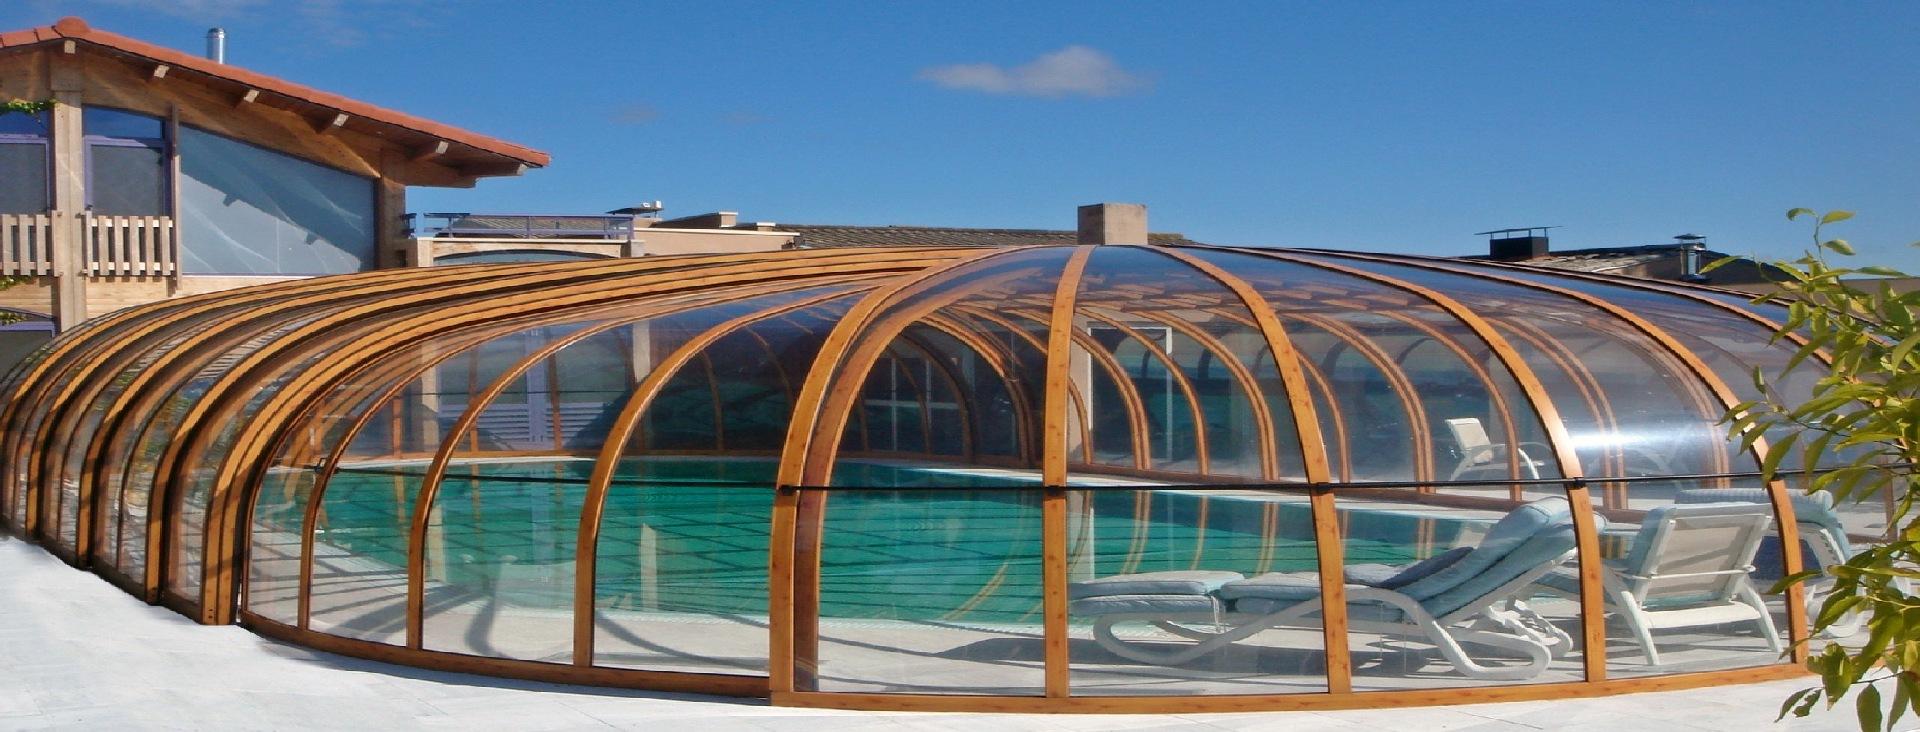 покрытия-павильоны-для-бассейнов-спб-санкт-петербург